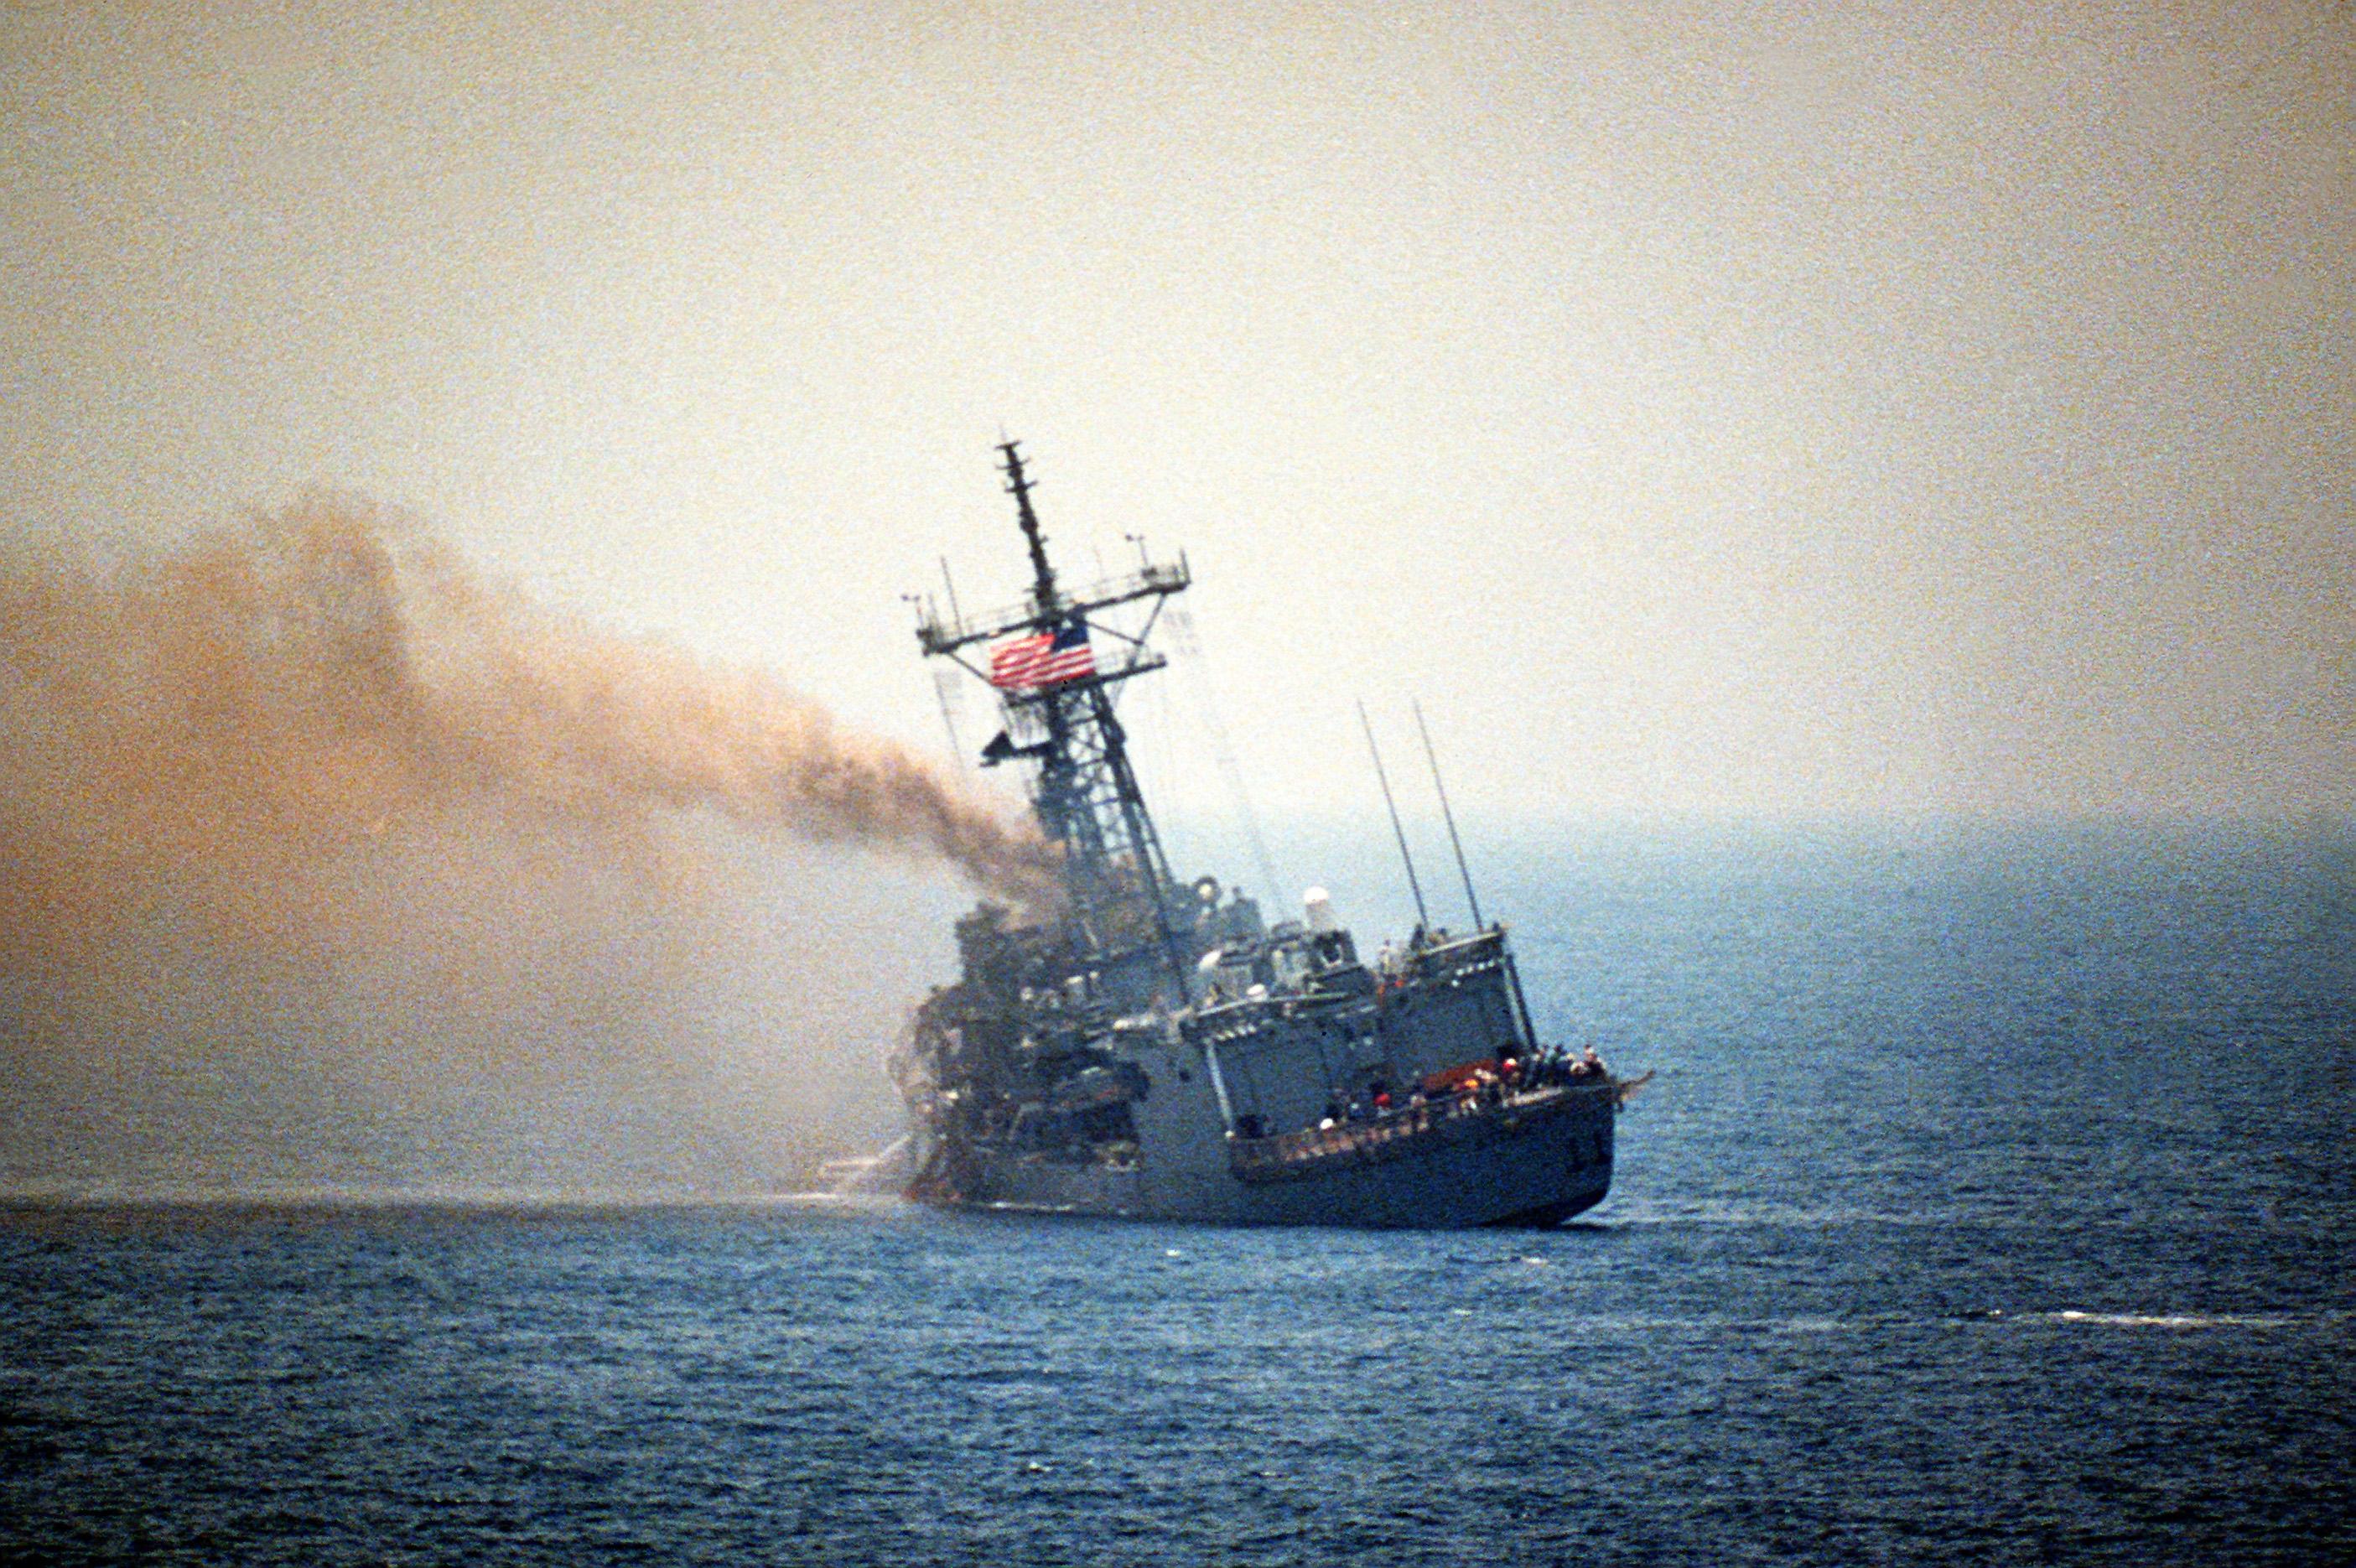 La fragata estadounidense USS Stark escora tras ser alcanzada por dos misiles Exocet.